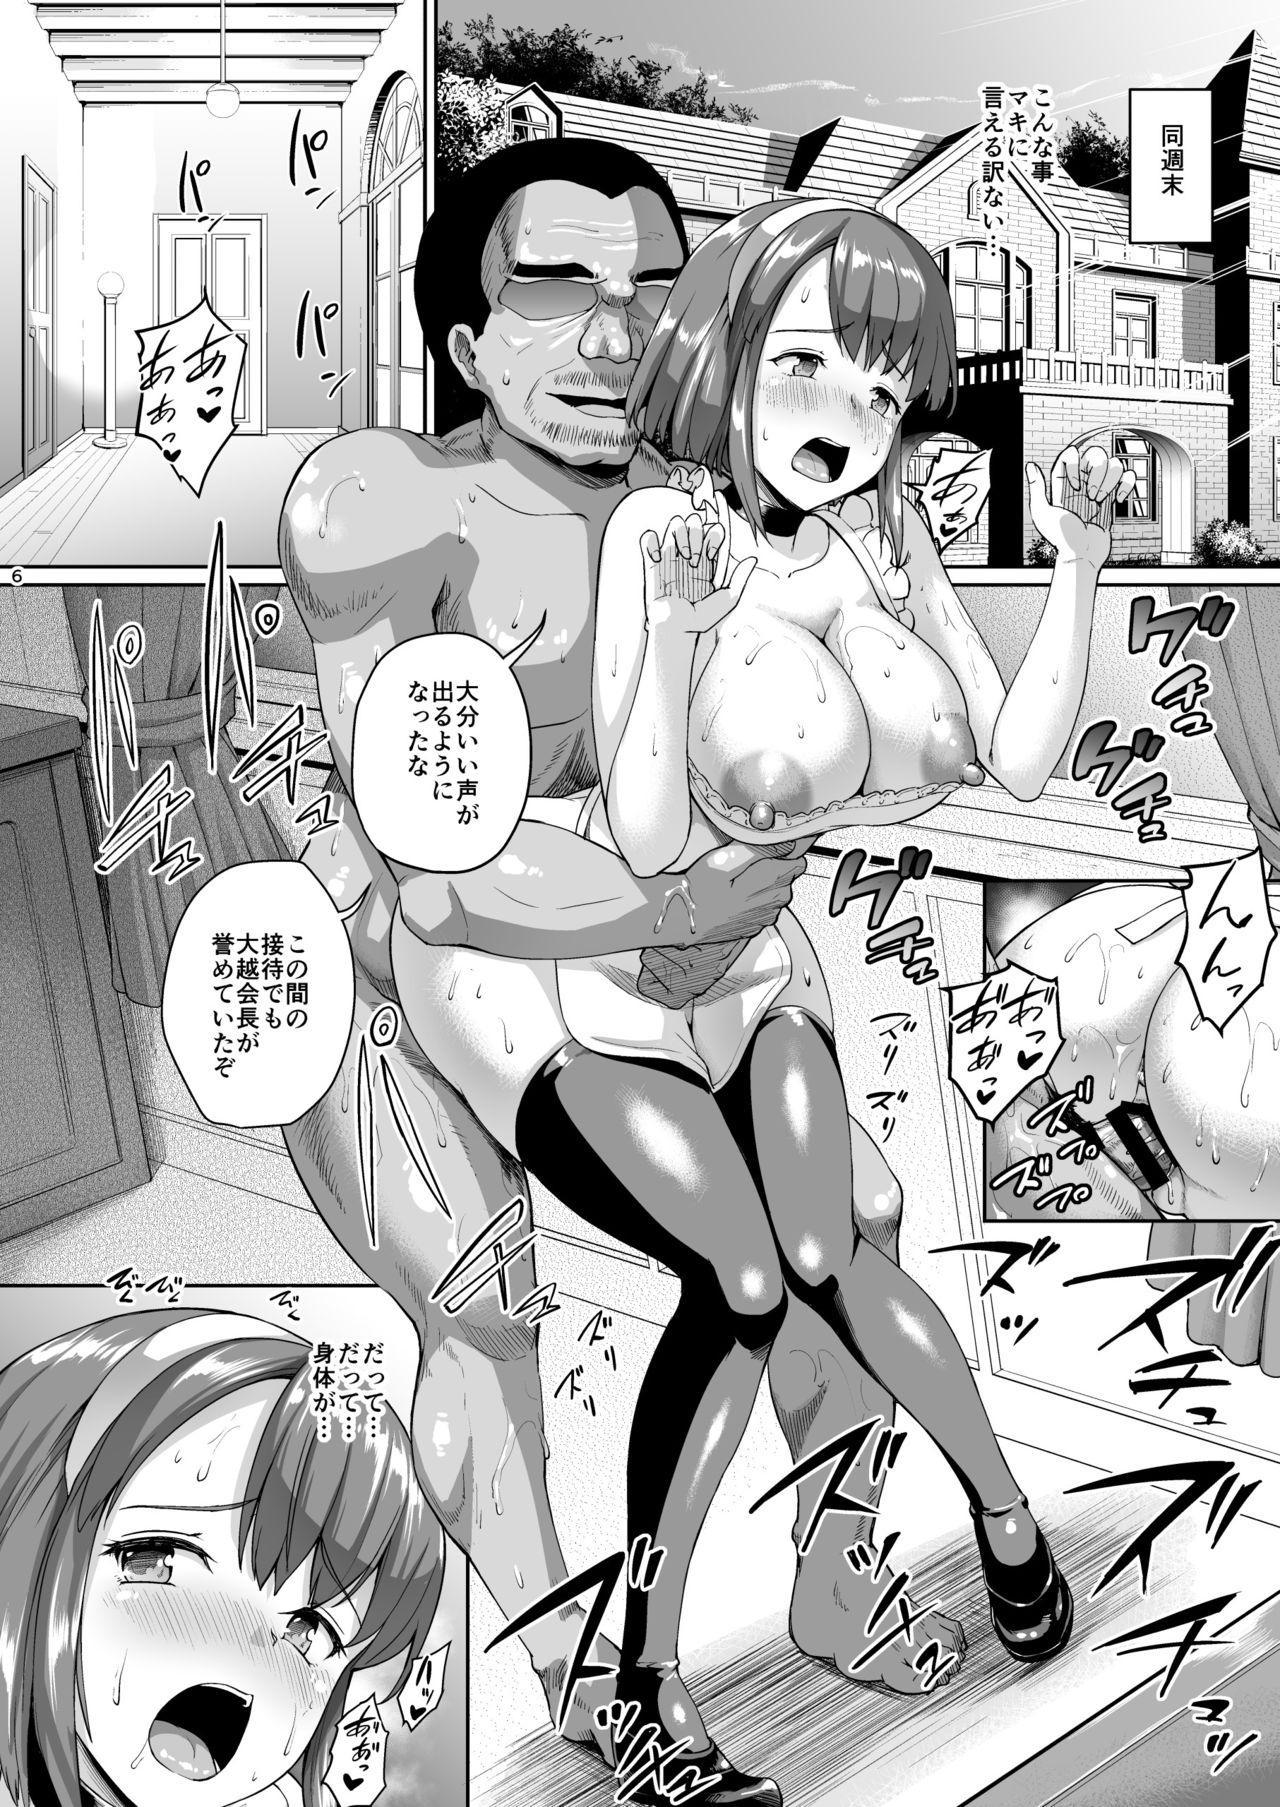 Oyashiki no Hi 2 5